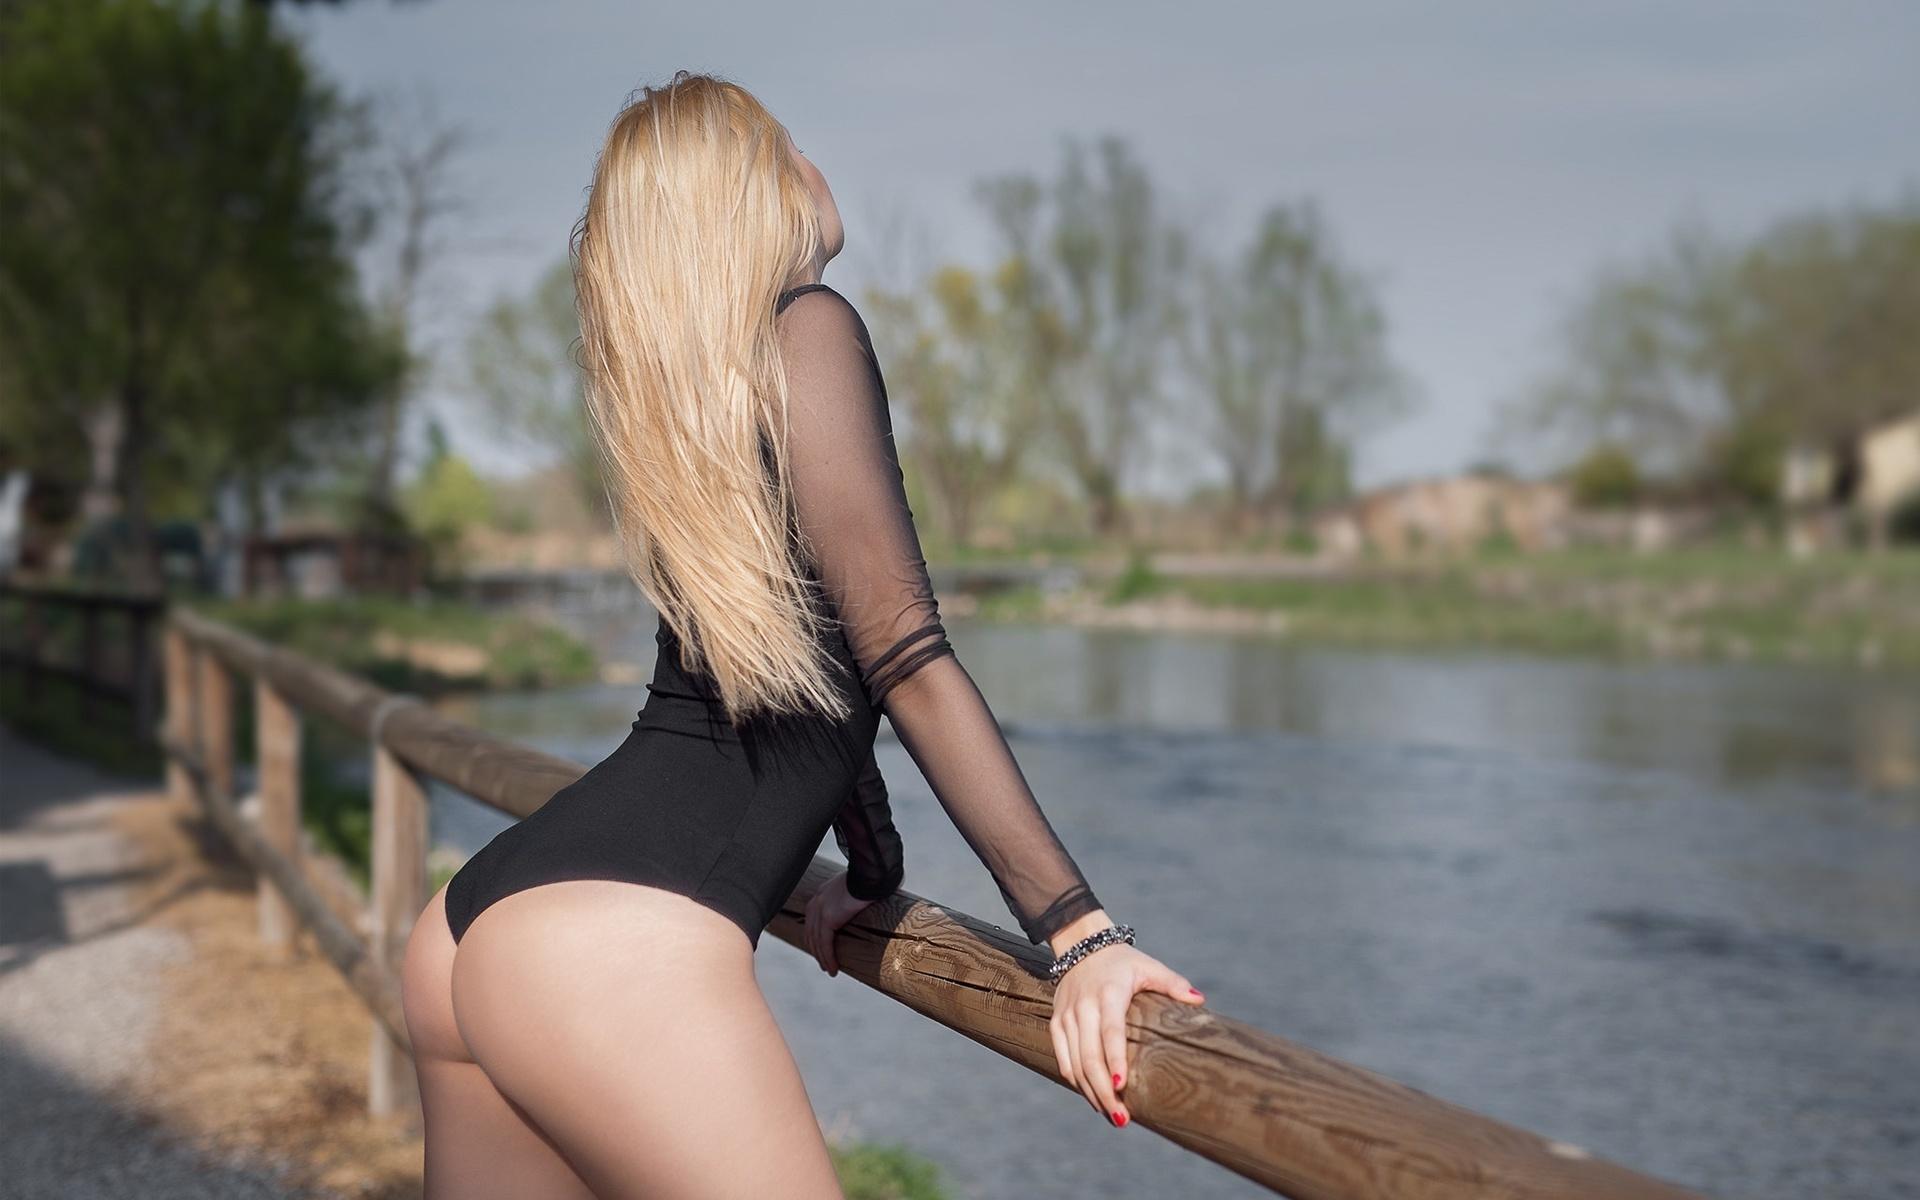 Длинноволосая блондиночка показывает свою красивую и шикарную задницу